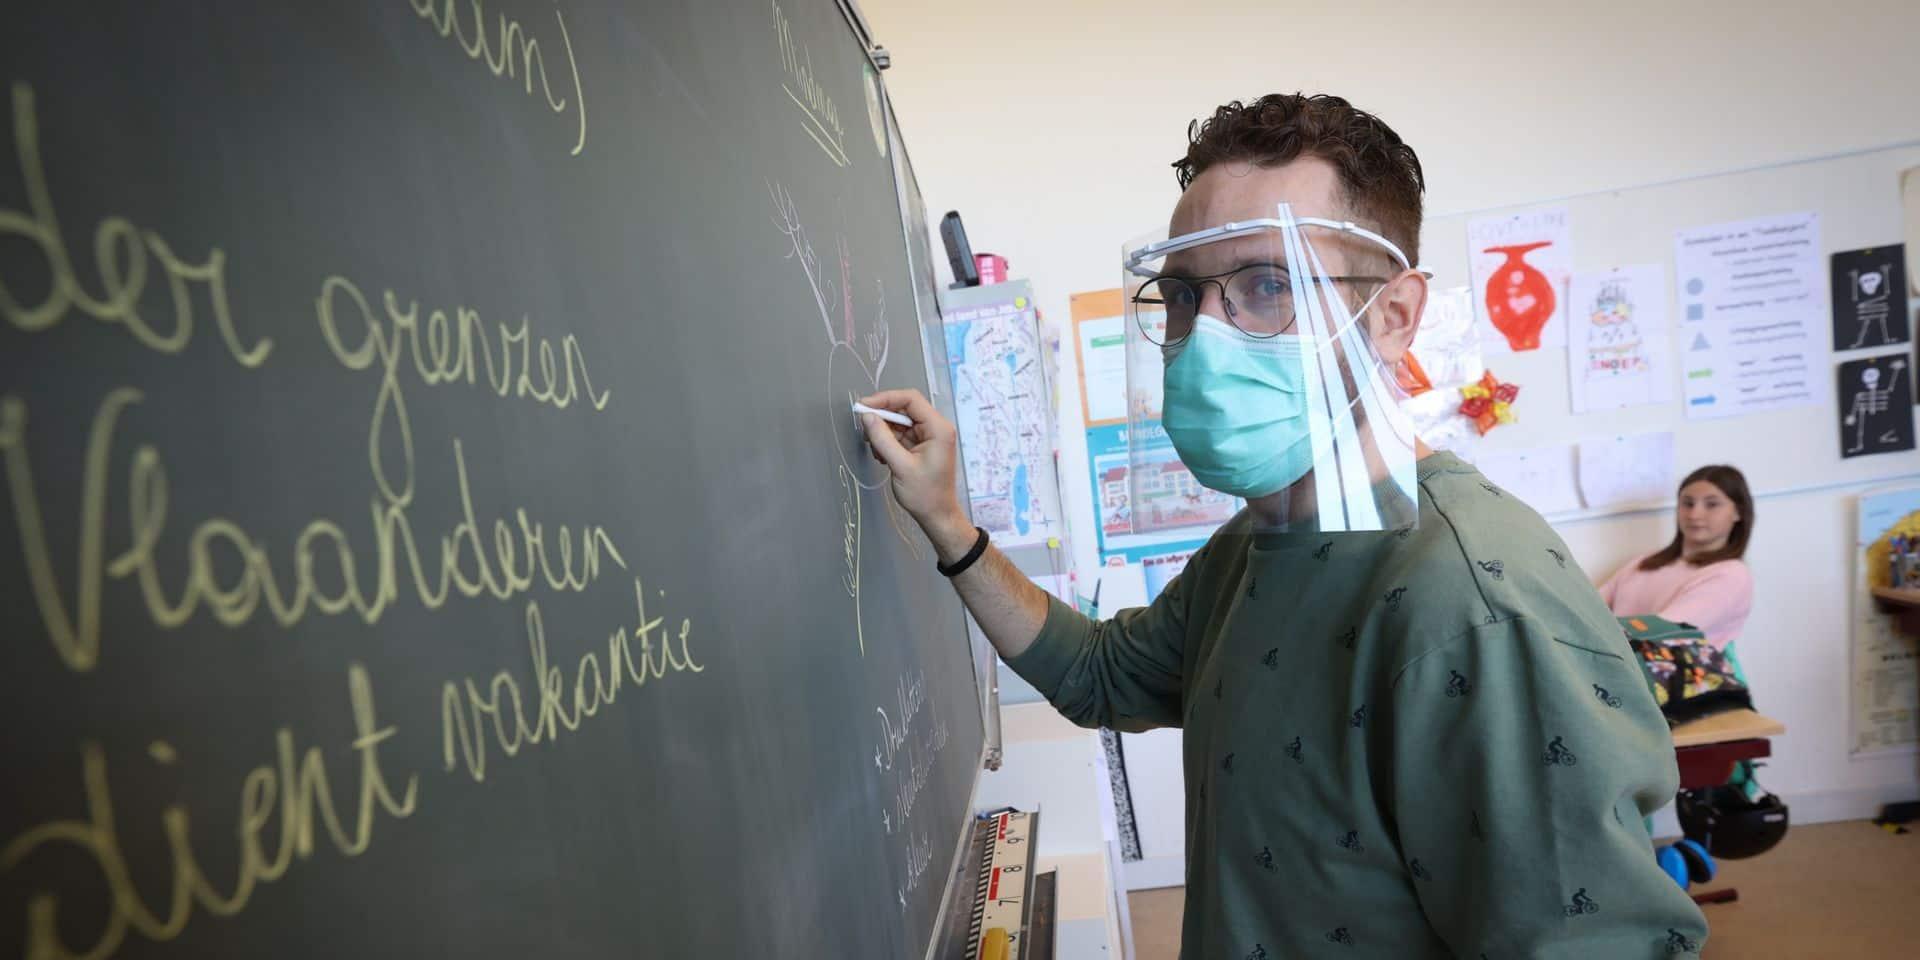 """Retour en classe sans encombre dans les écoles flamandes: """"Il faudra un peu de temps pour s'habituer aux masques buccaux"""""""